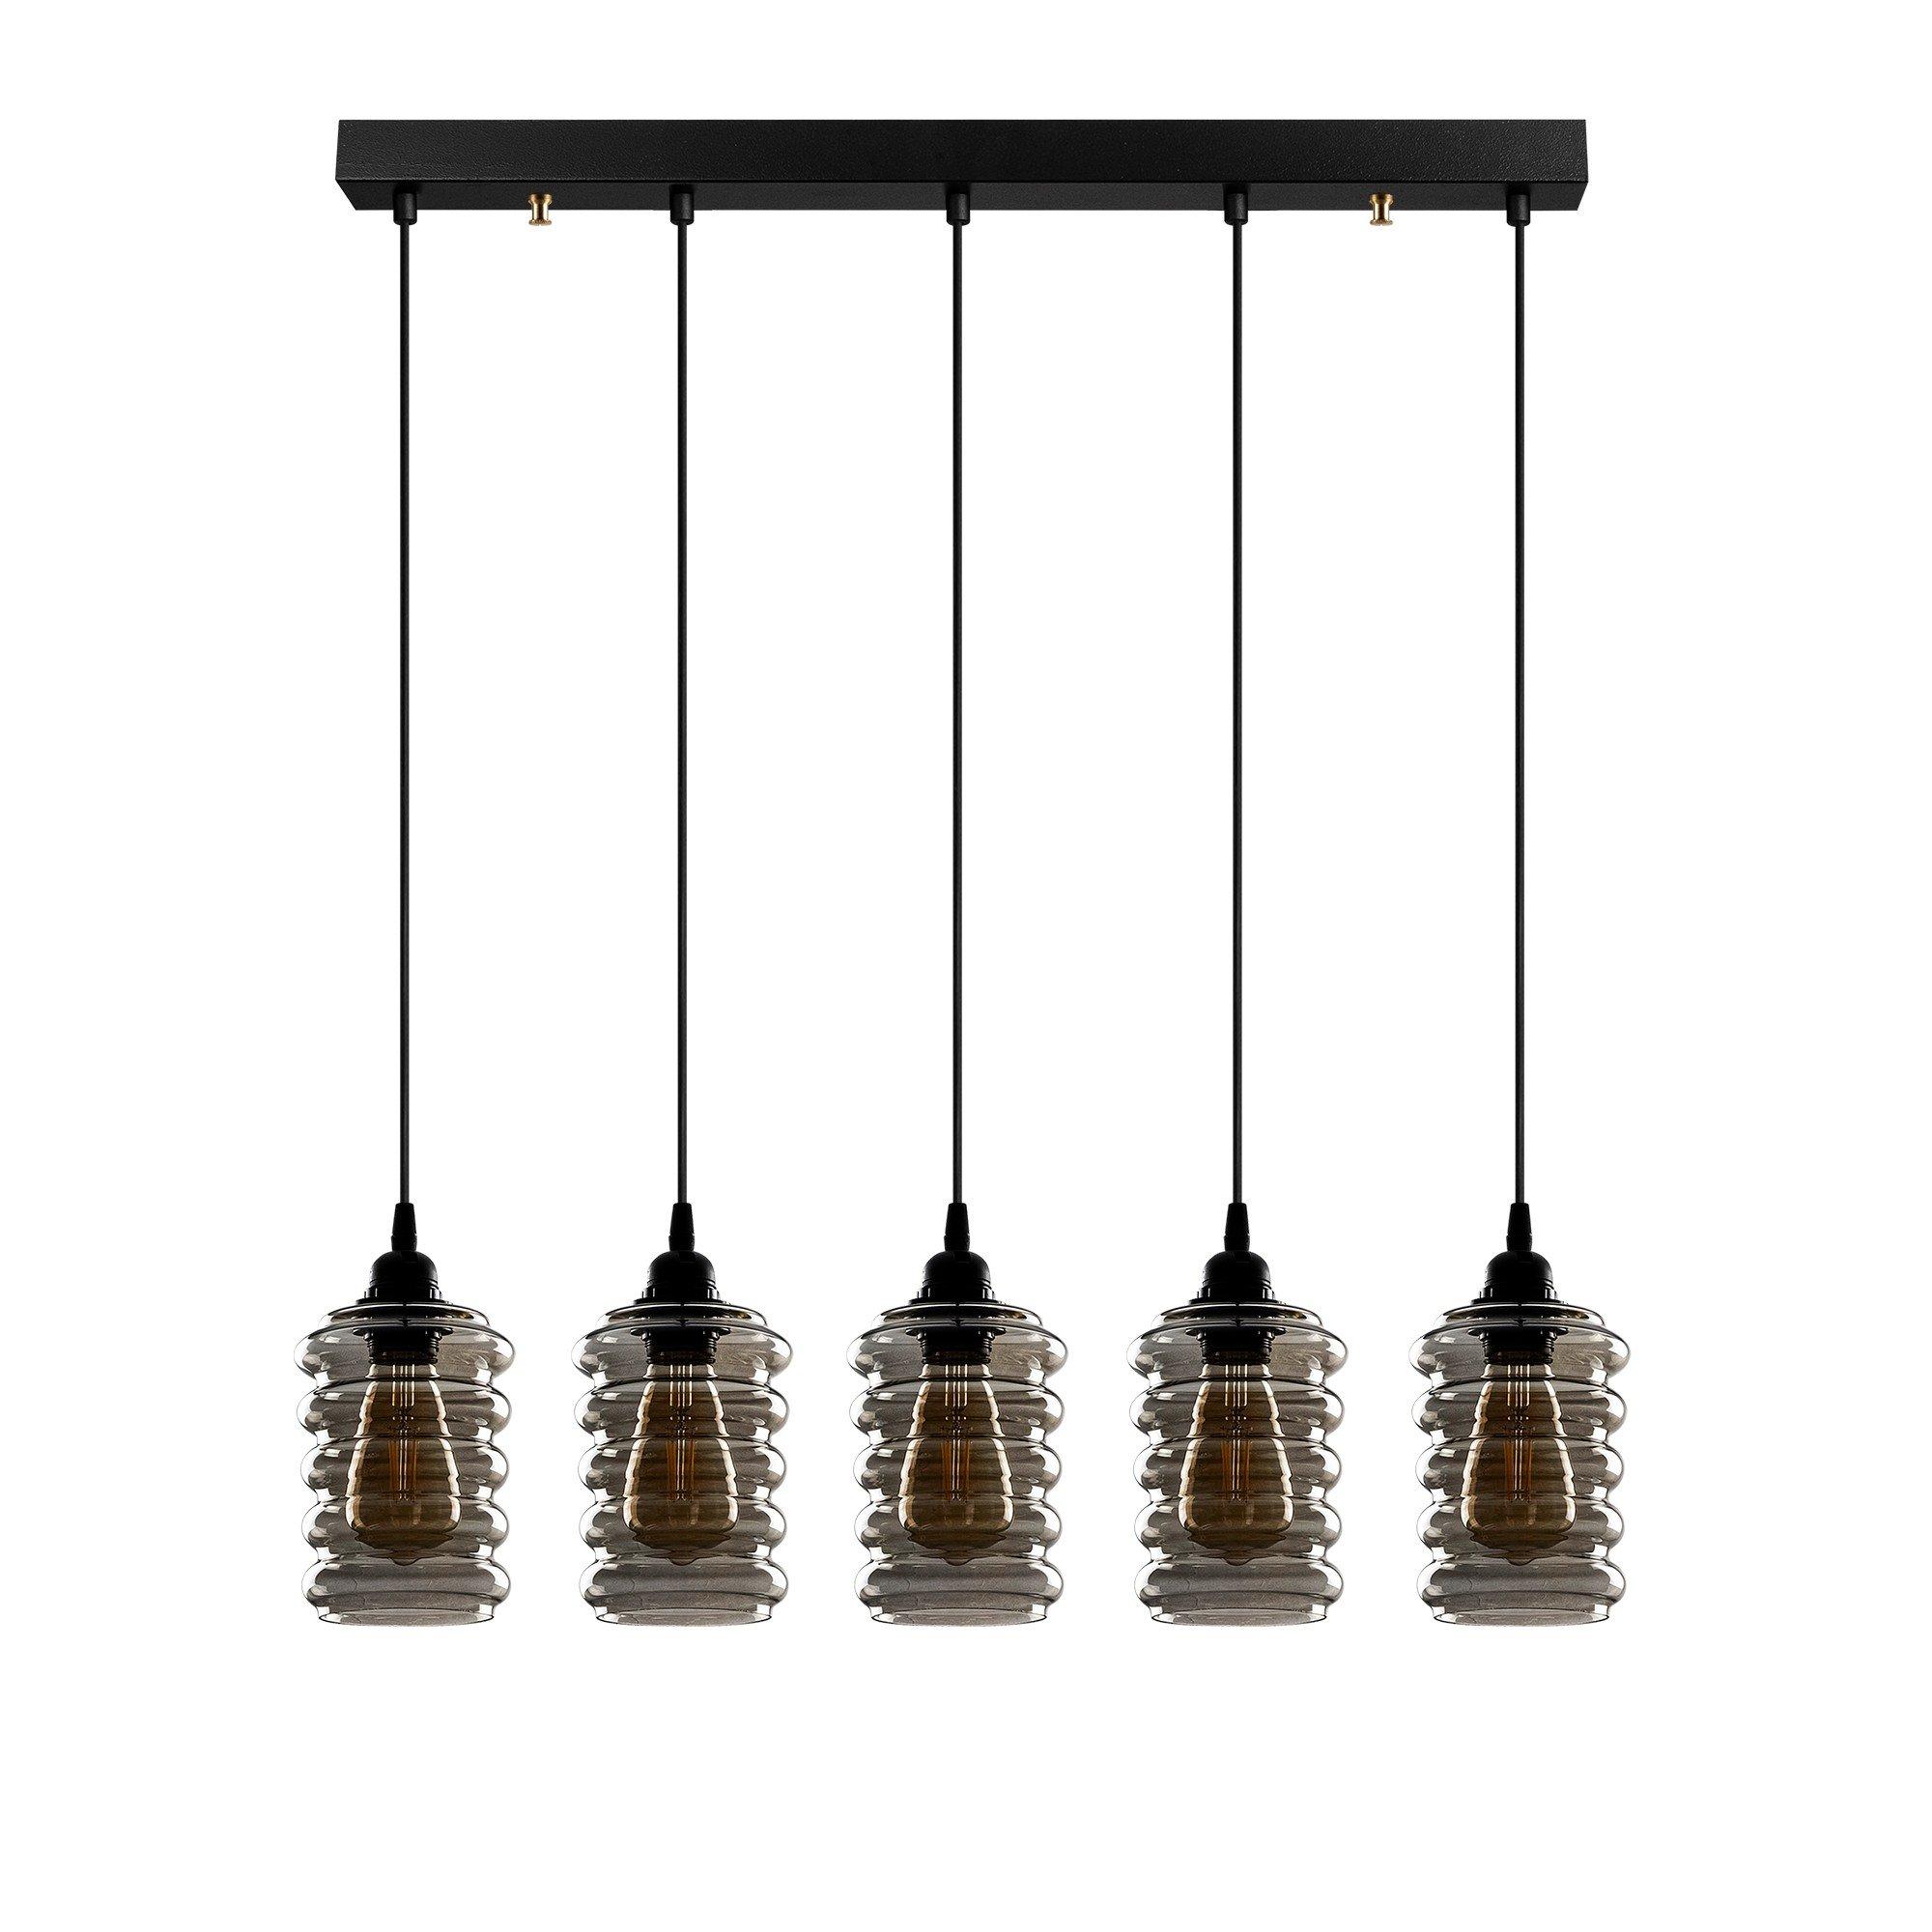 Hanglamp smoked glass 5 x E27 fitting - vooraanzicht lampen uit